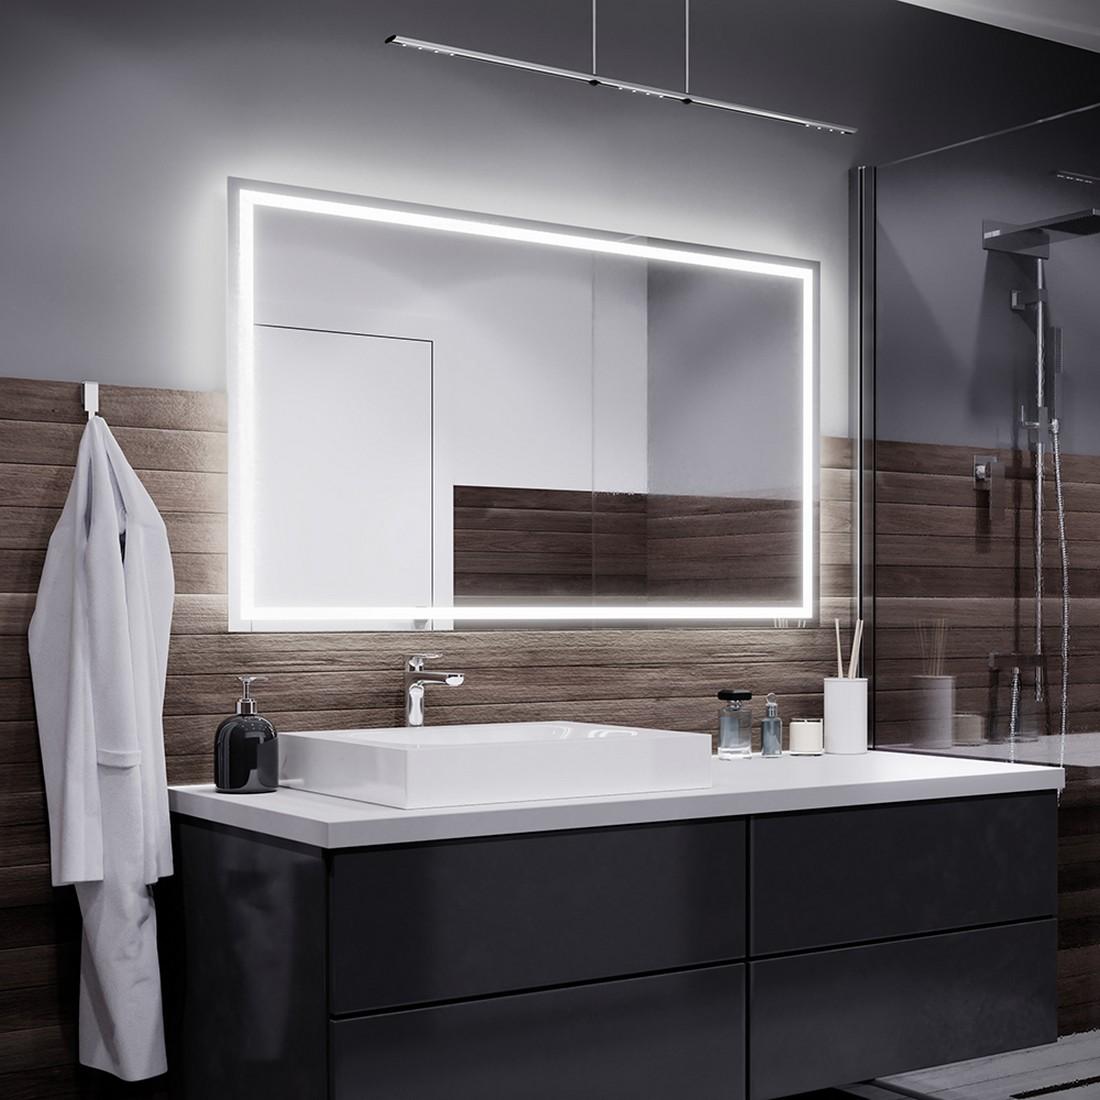 Miroir avec Interrupteur Tactile et Station M/ét/éo Mod/èle P1 Alasta/® Miroir LED Lumineux 50x50 cm Oslo Mod/èle